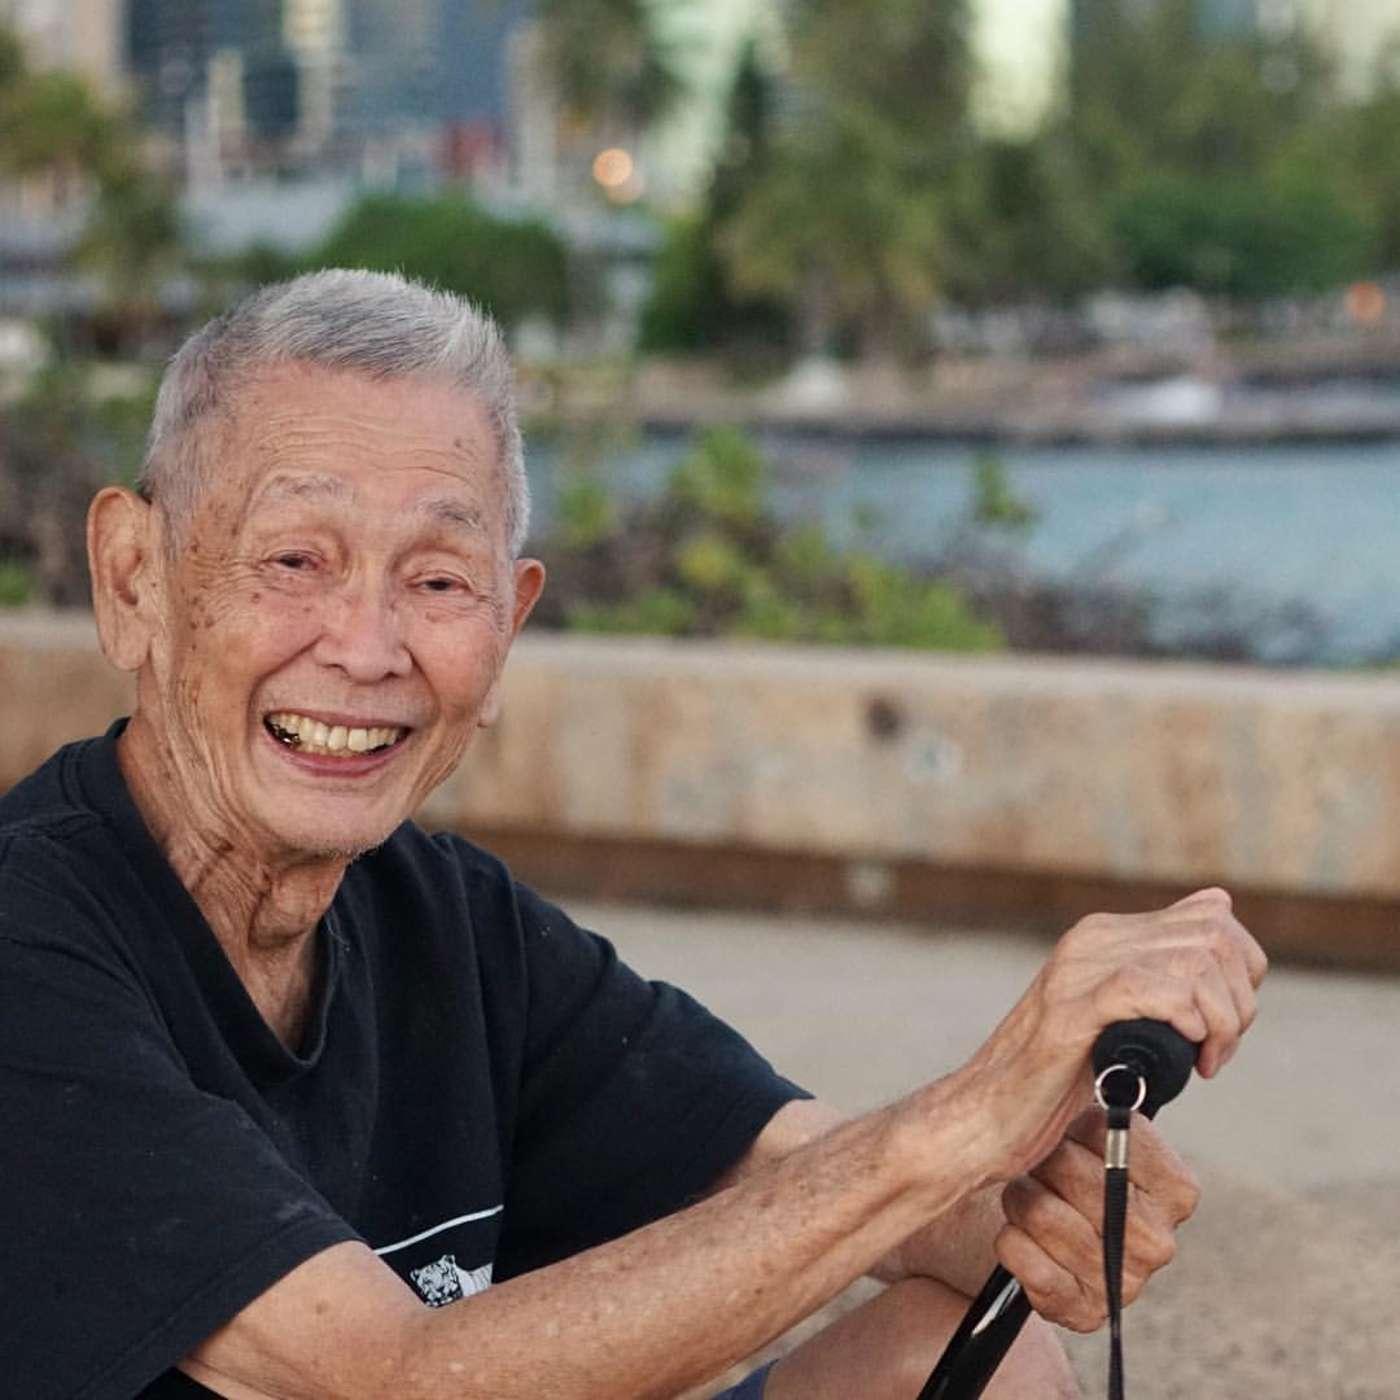 Người chú Alzeimer - Bộ ảnh tư liệu rất đời | 50mm Vietnam